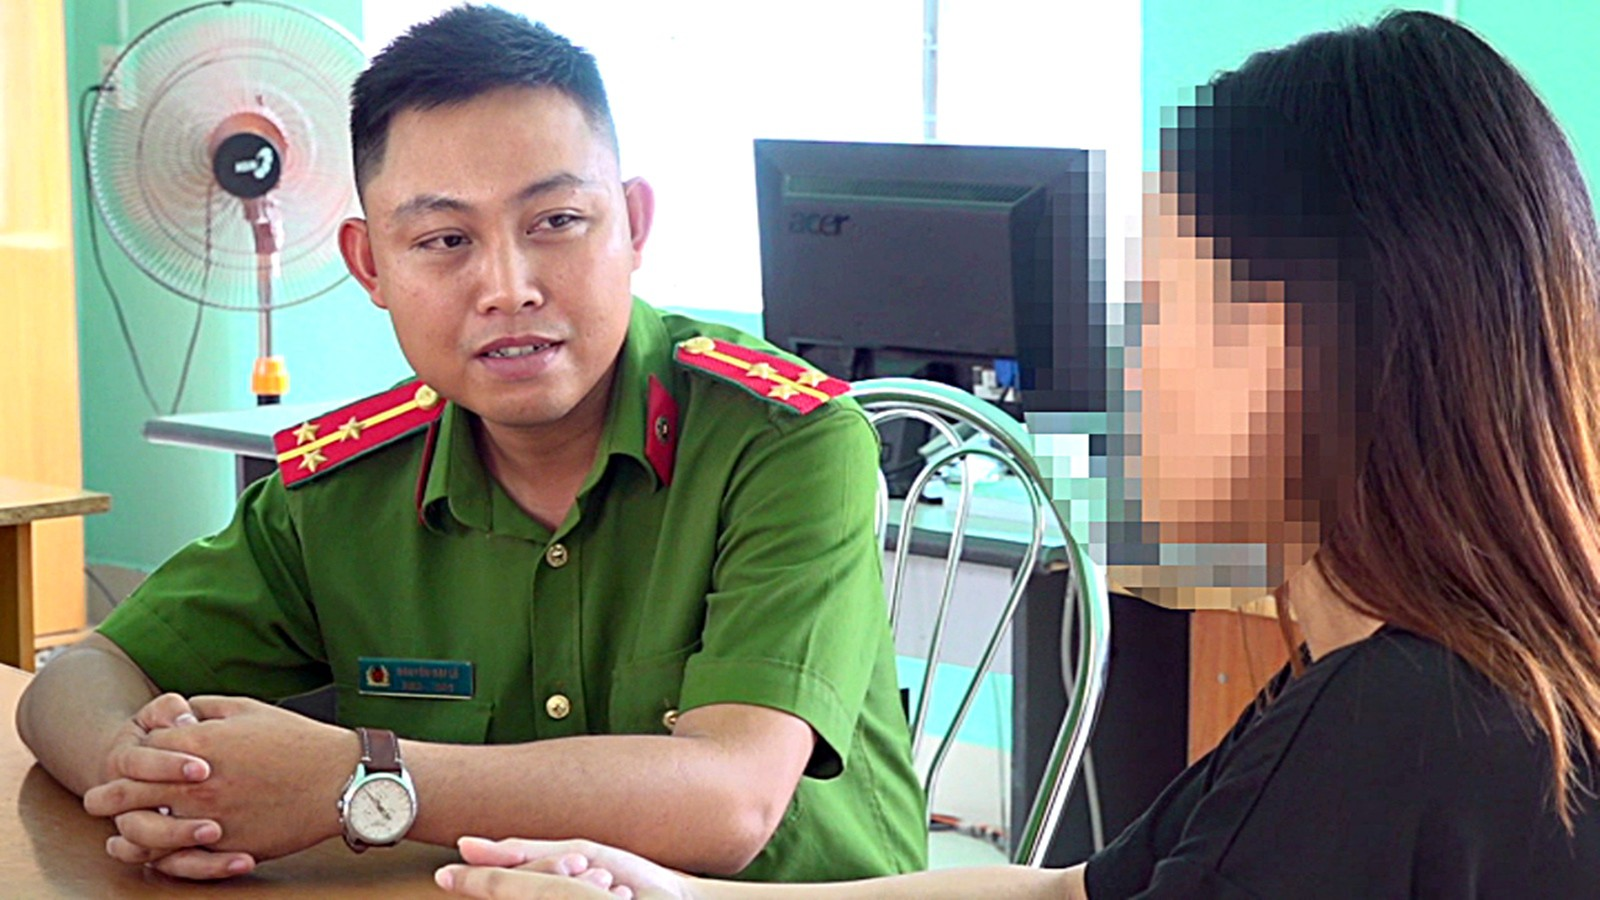 Giải cứu cô gái bị thanh niên quen trên mạng lừa bán sang Trung Quốc để làm vợ với giá 170 triệu đồng-1